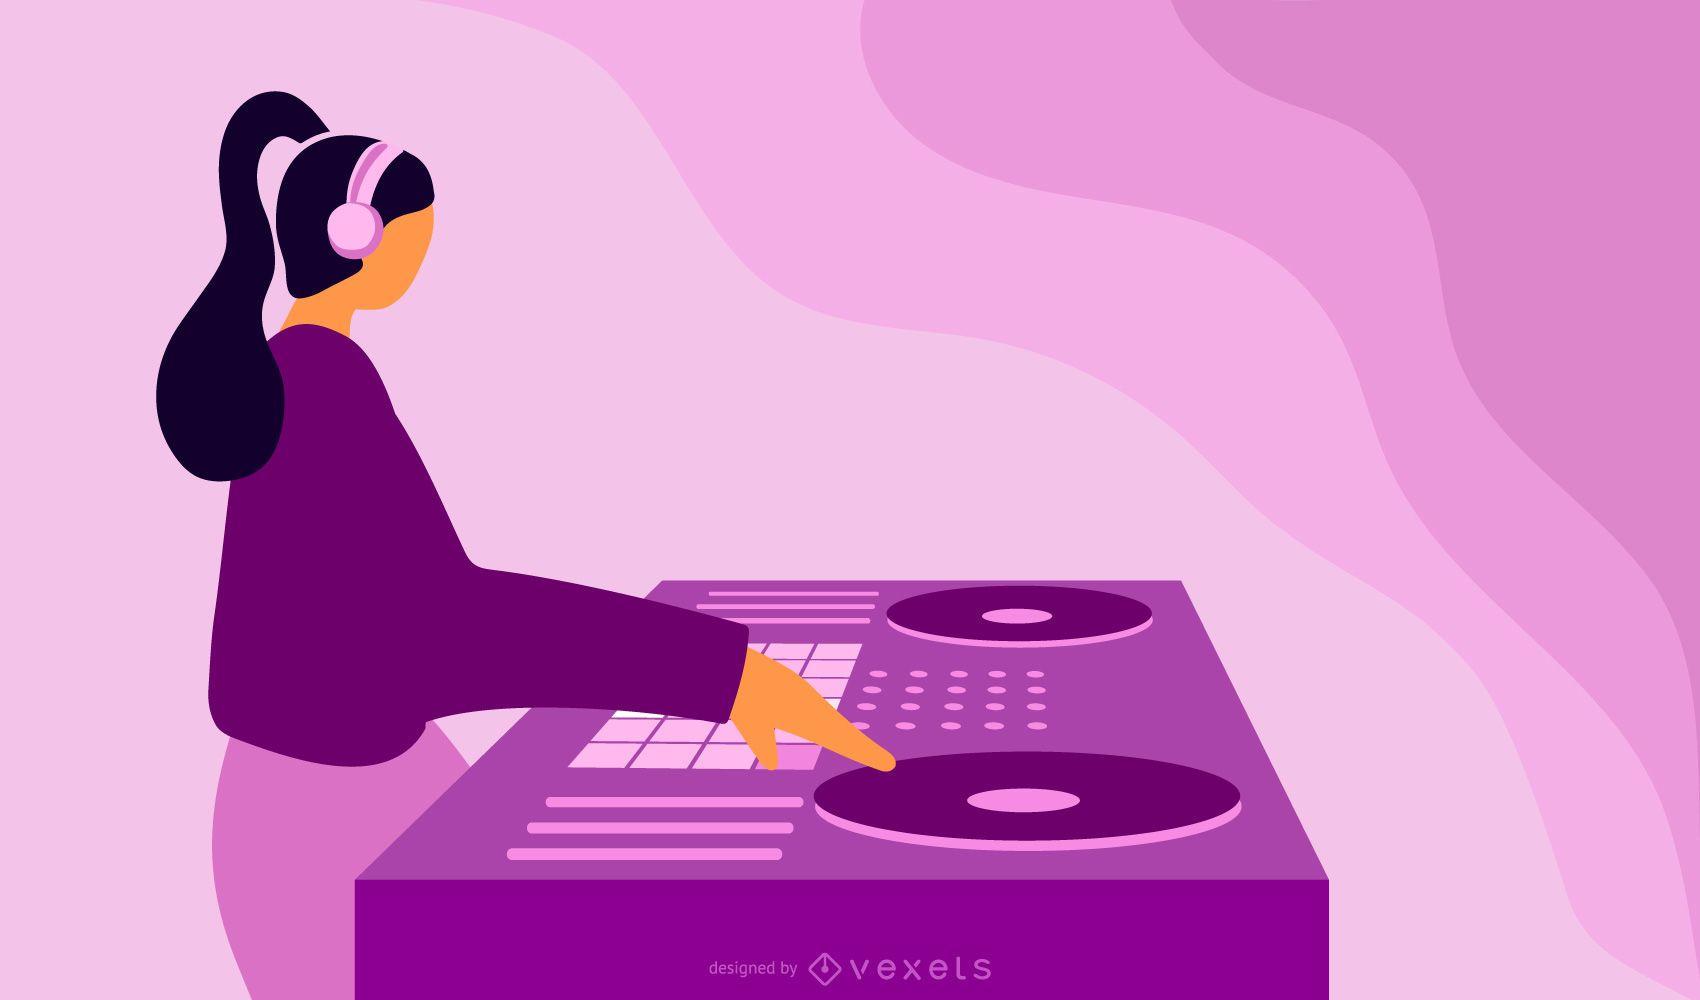 Abstract DJ Turntable